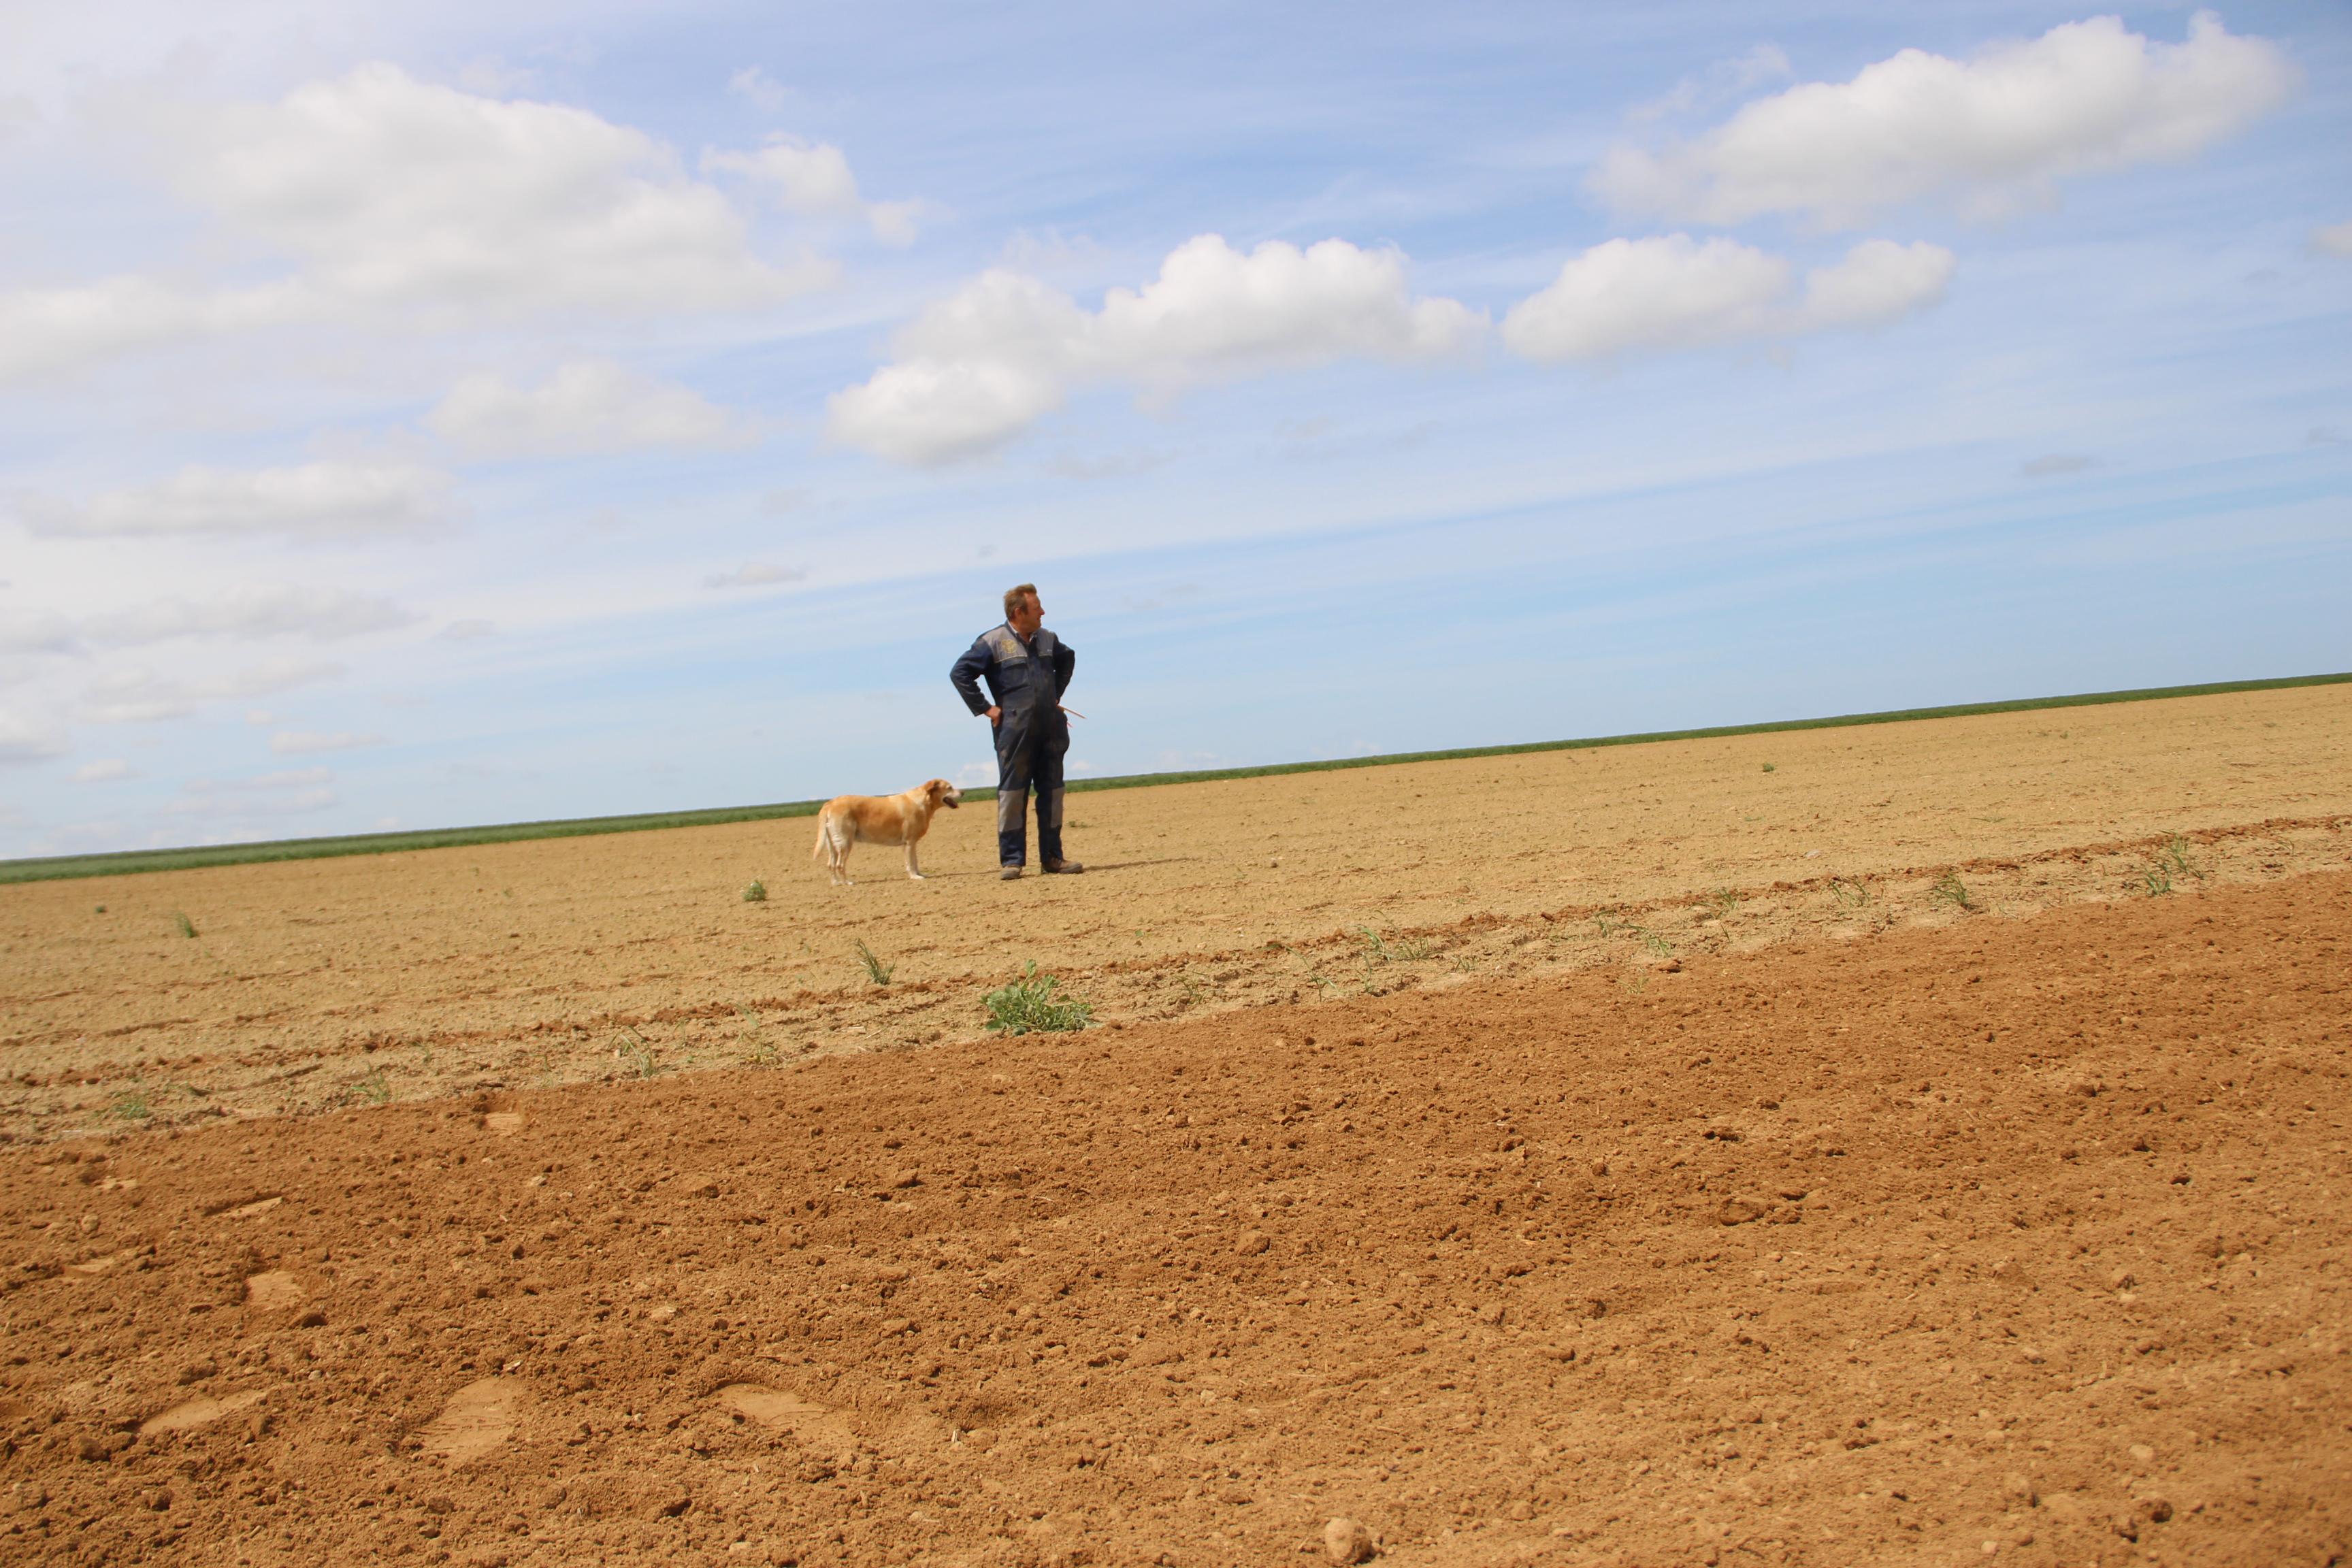 Henri Pomikal et son chien sur la parcelle d'esaai chanvre 2020